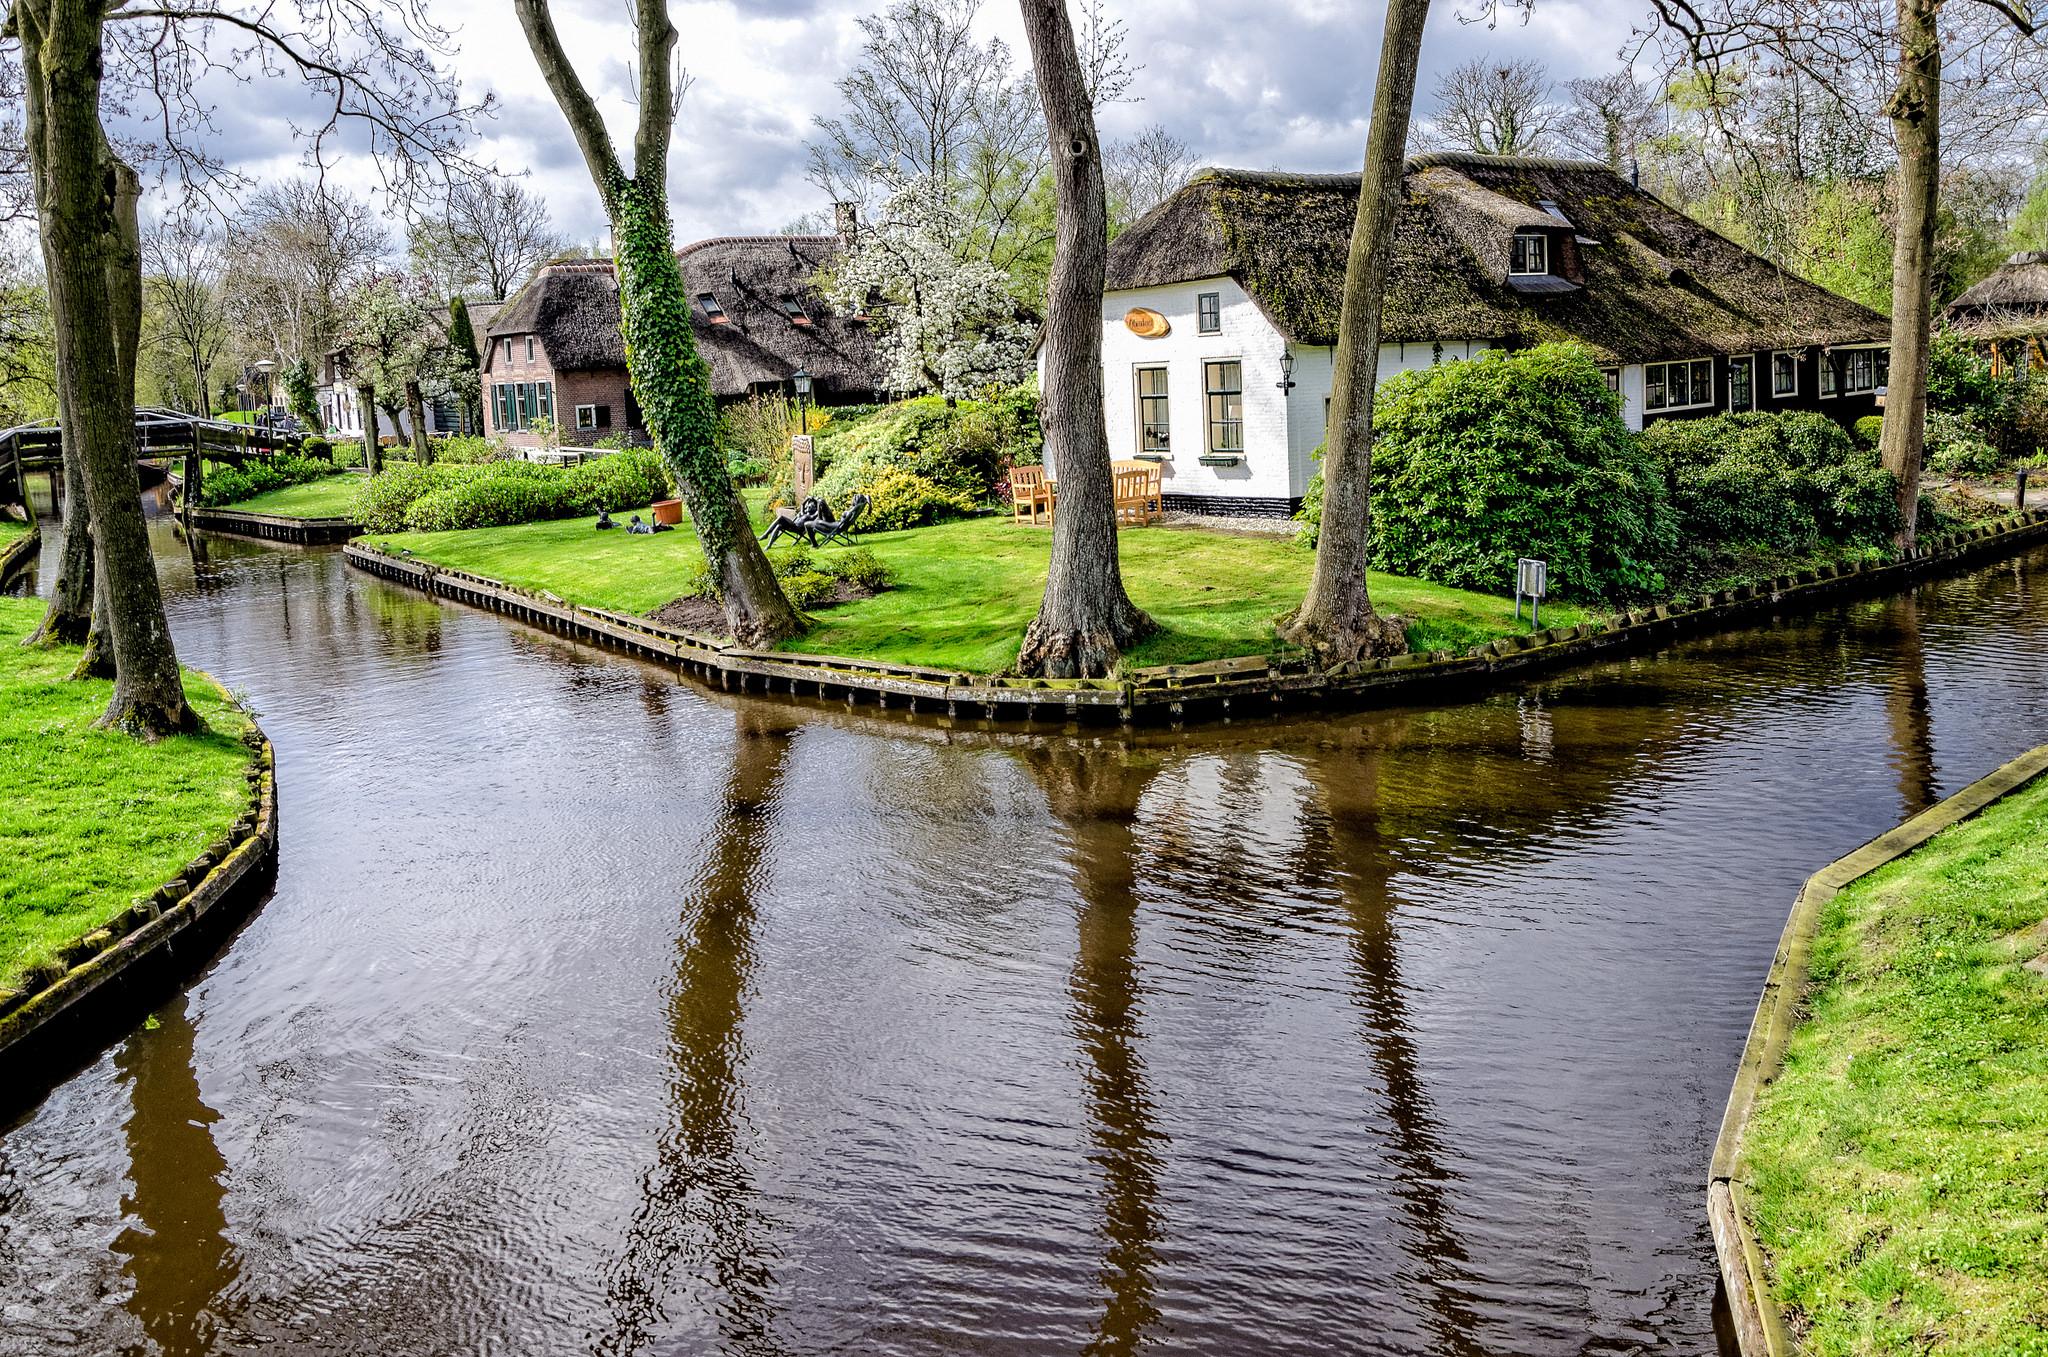 Giethoorn la citt senza strade in olanda for Case di legno del paese del lago